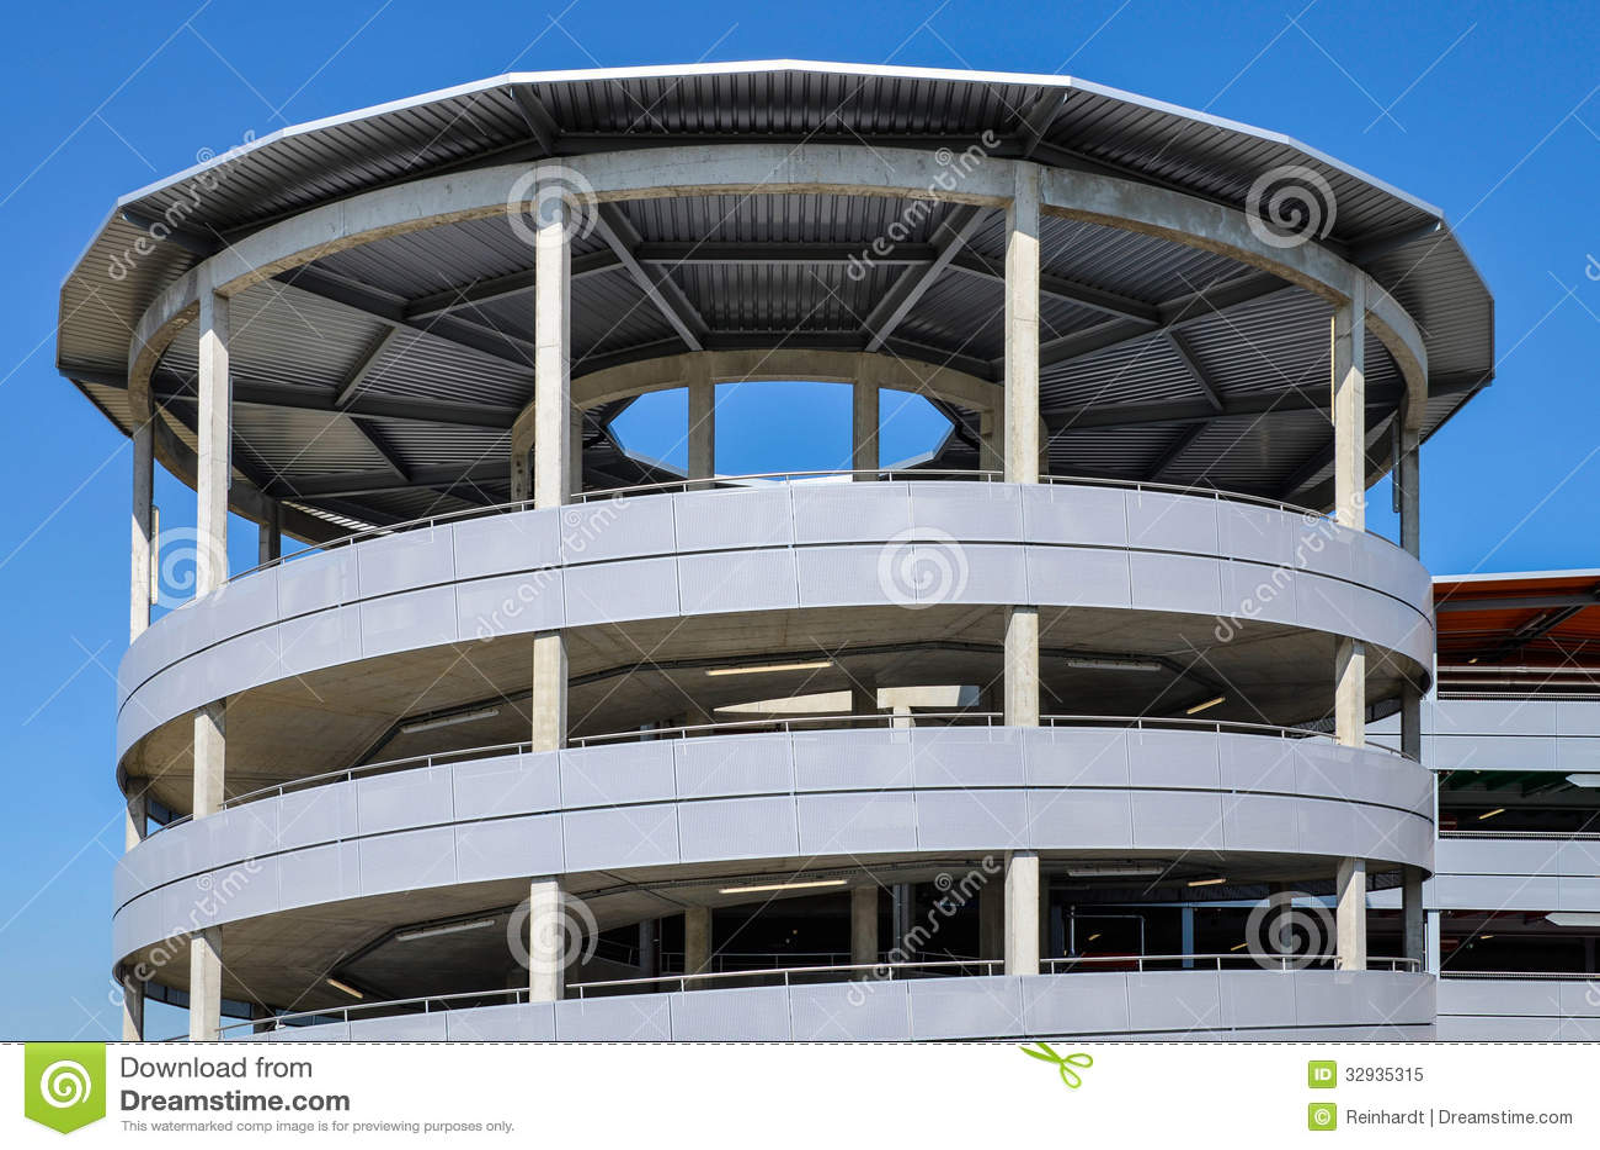 Parking Garage Exit Ramp Royalty Free Stock Photo Image 32935315